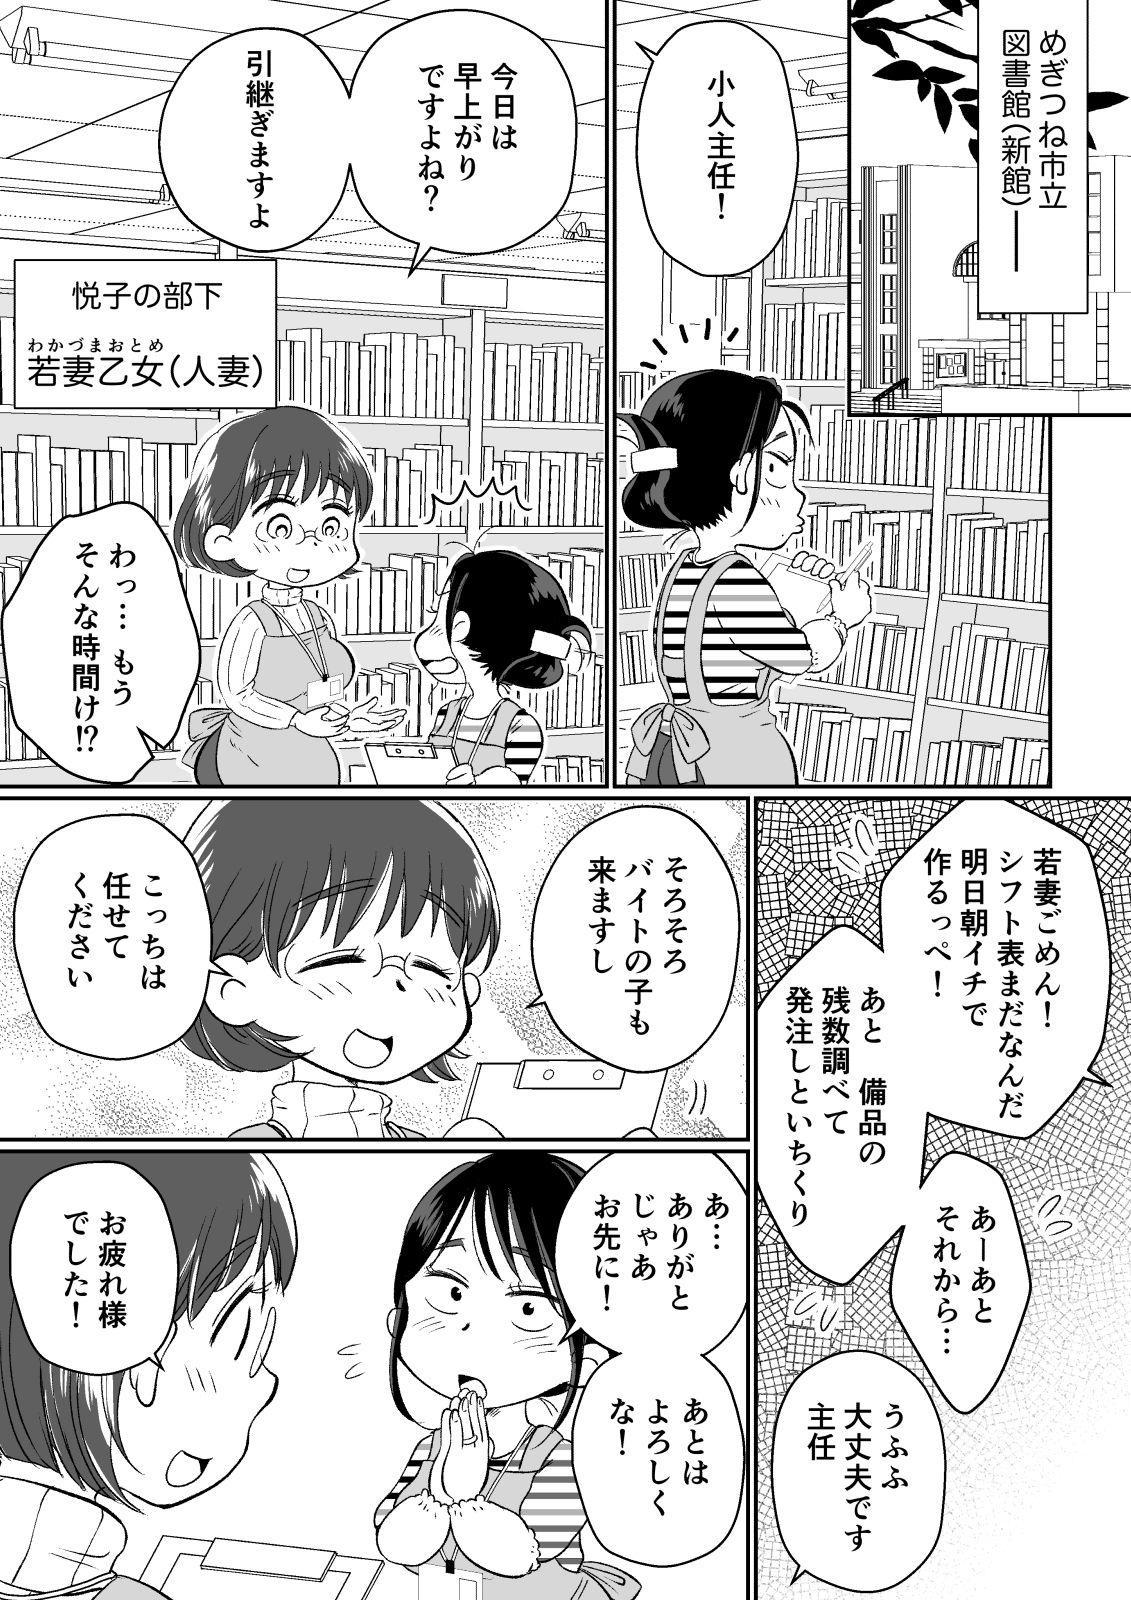 Batsuichi Hitozuma, Moto Danna no Ero Massage ni Ochiru! 8